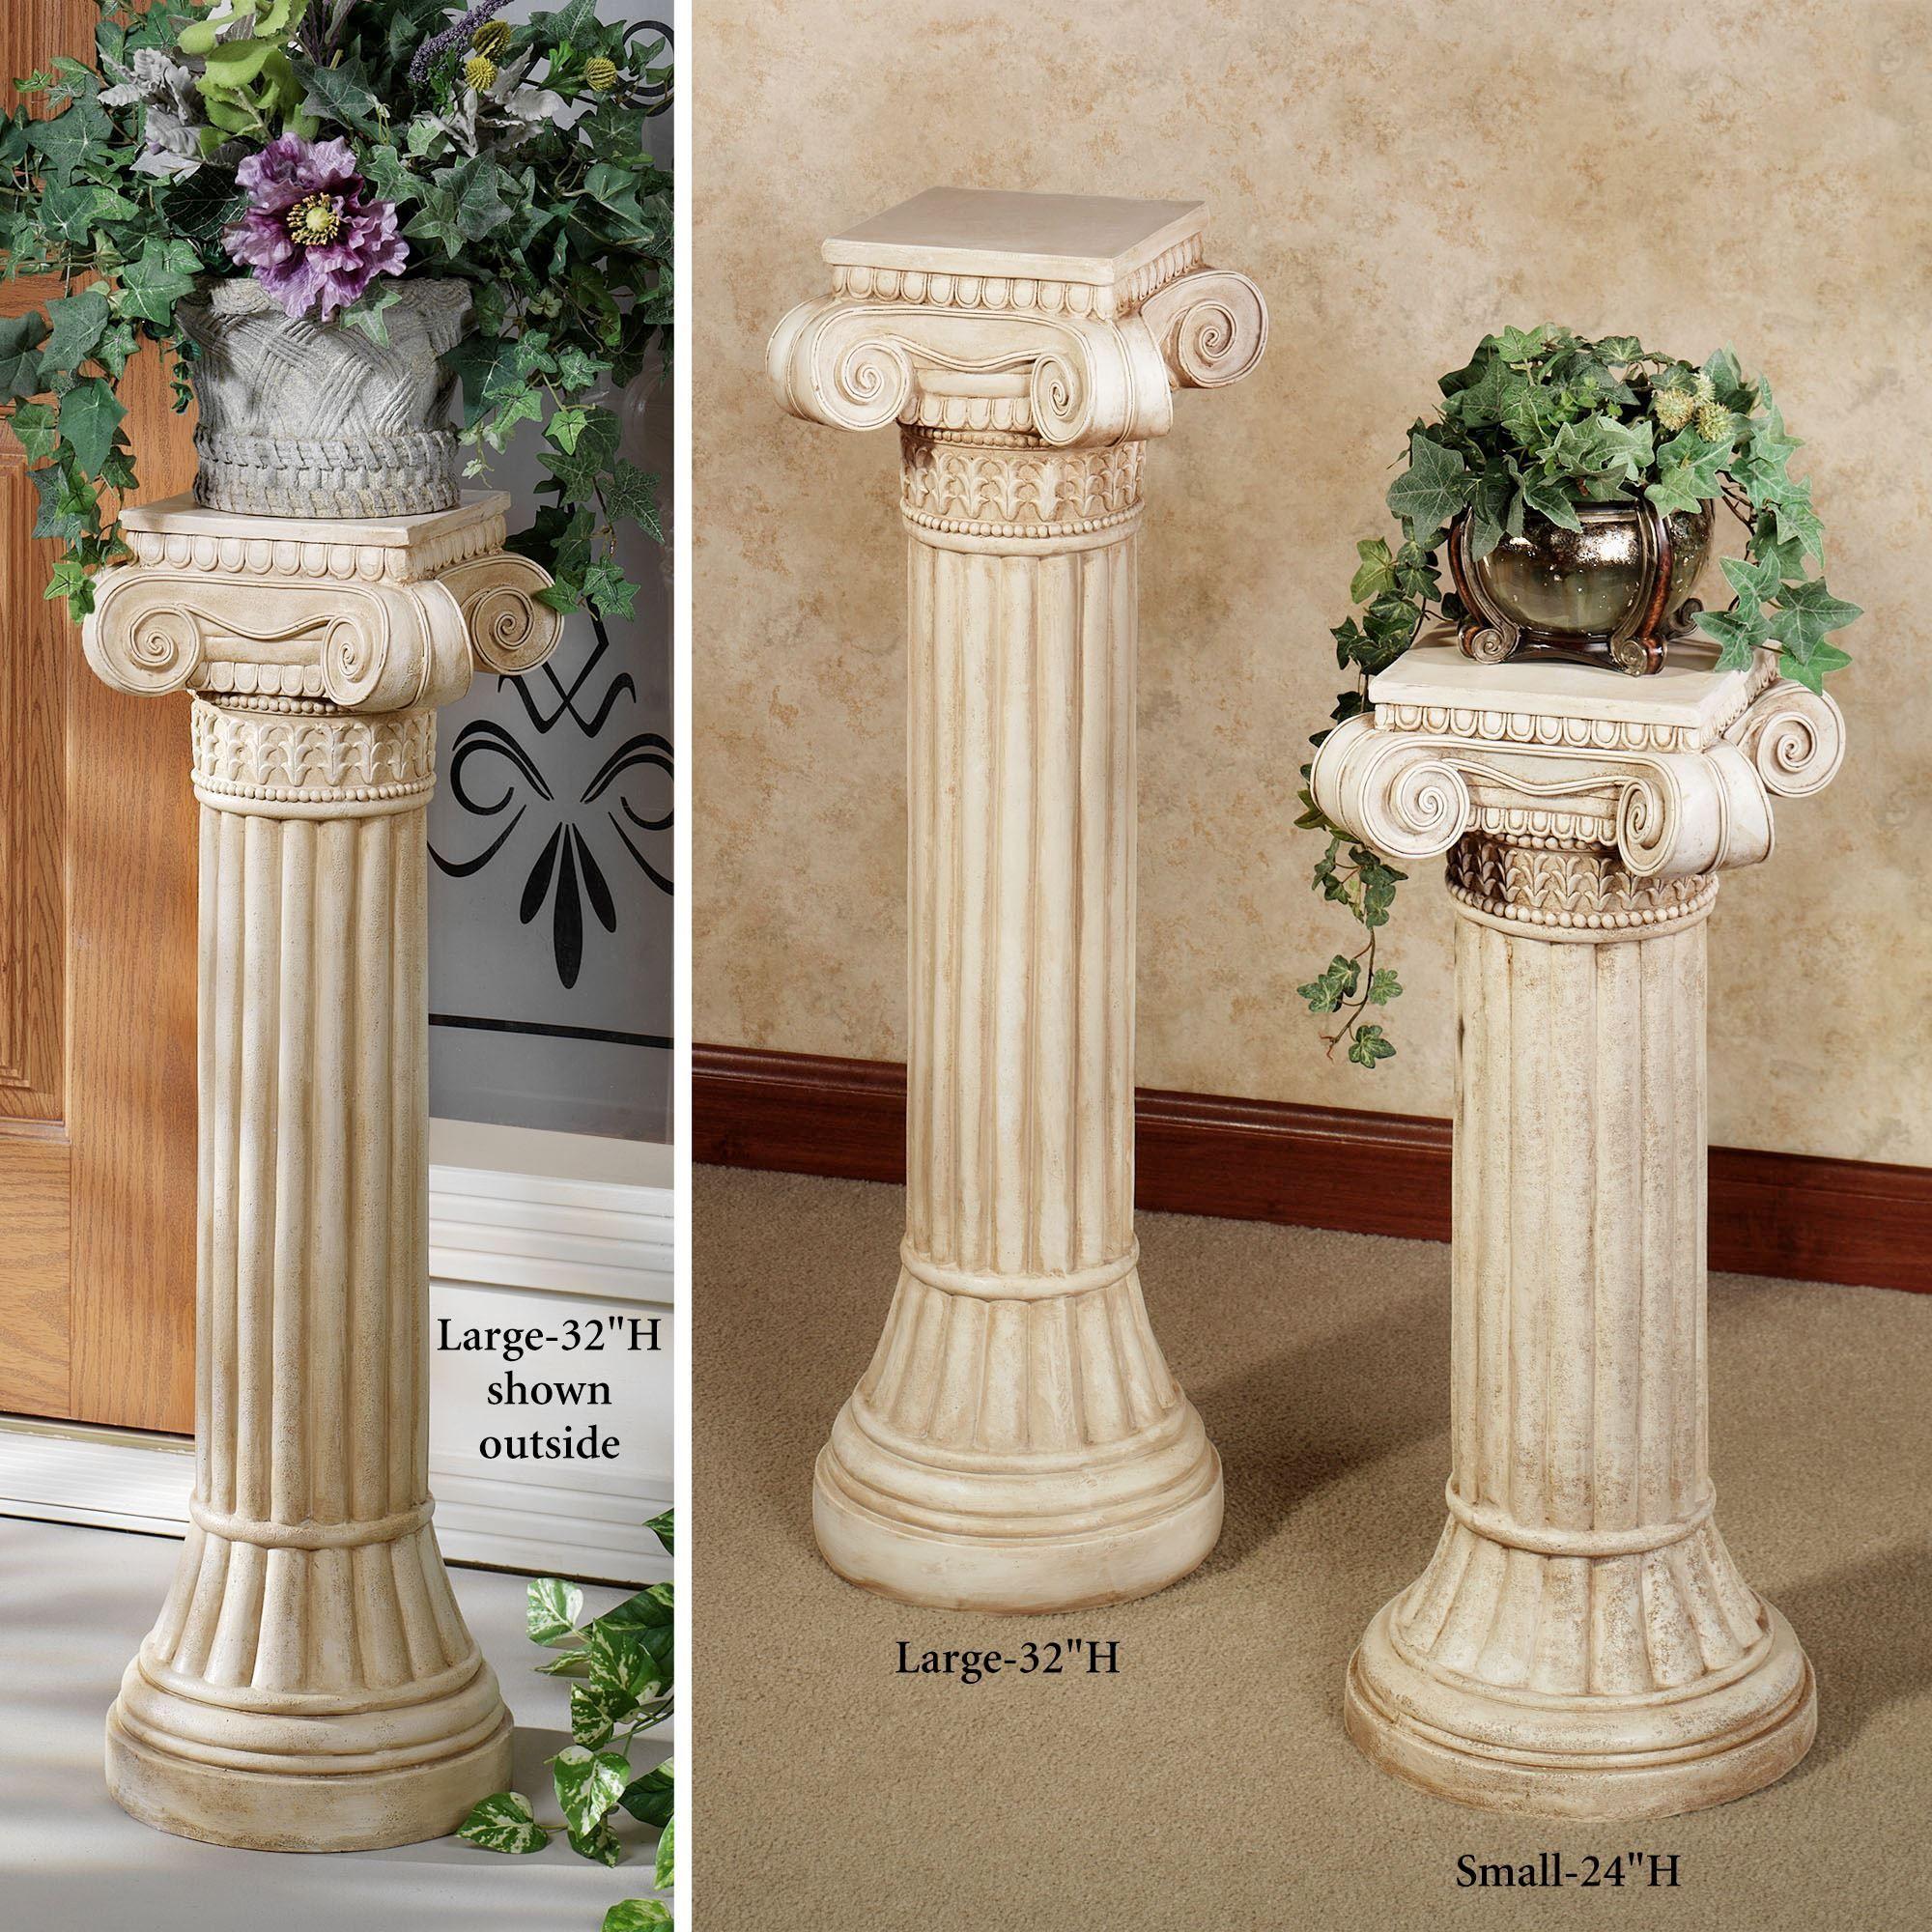 Ionic Indoor Outdoor Pedestal Column En 2020 Diseno De Interiores Cafeteria Jardineria En Macetas Interiores Cafeteria